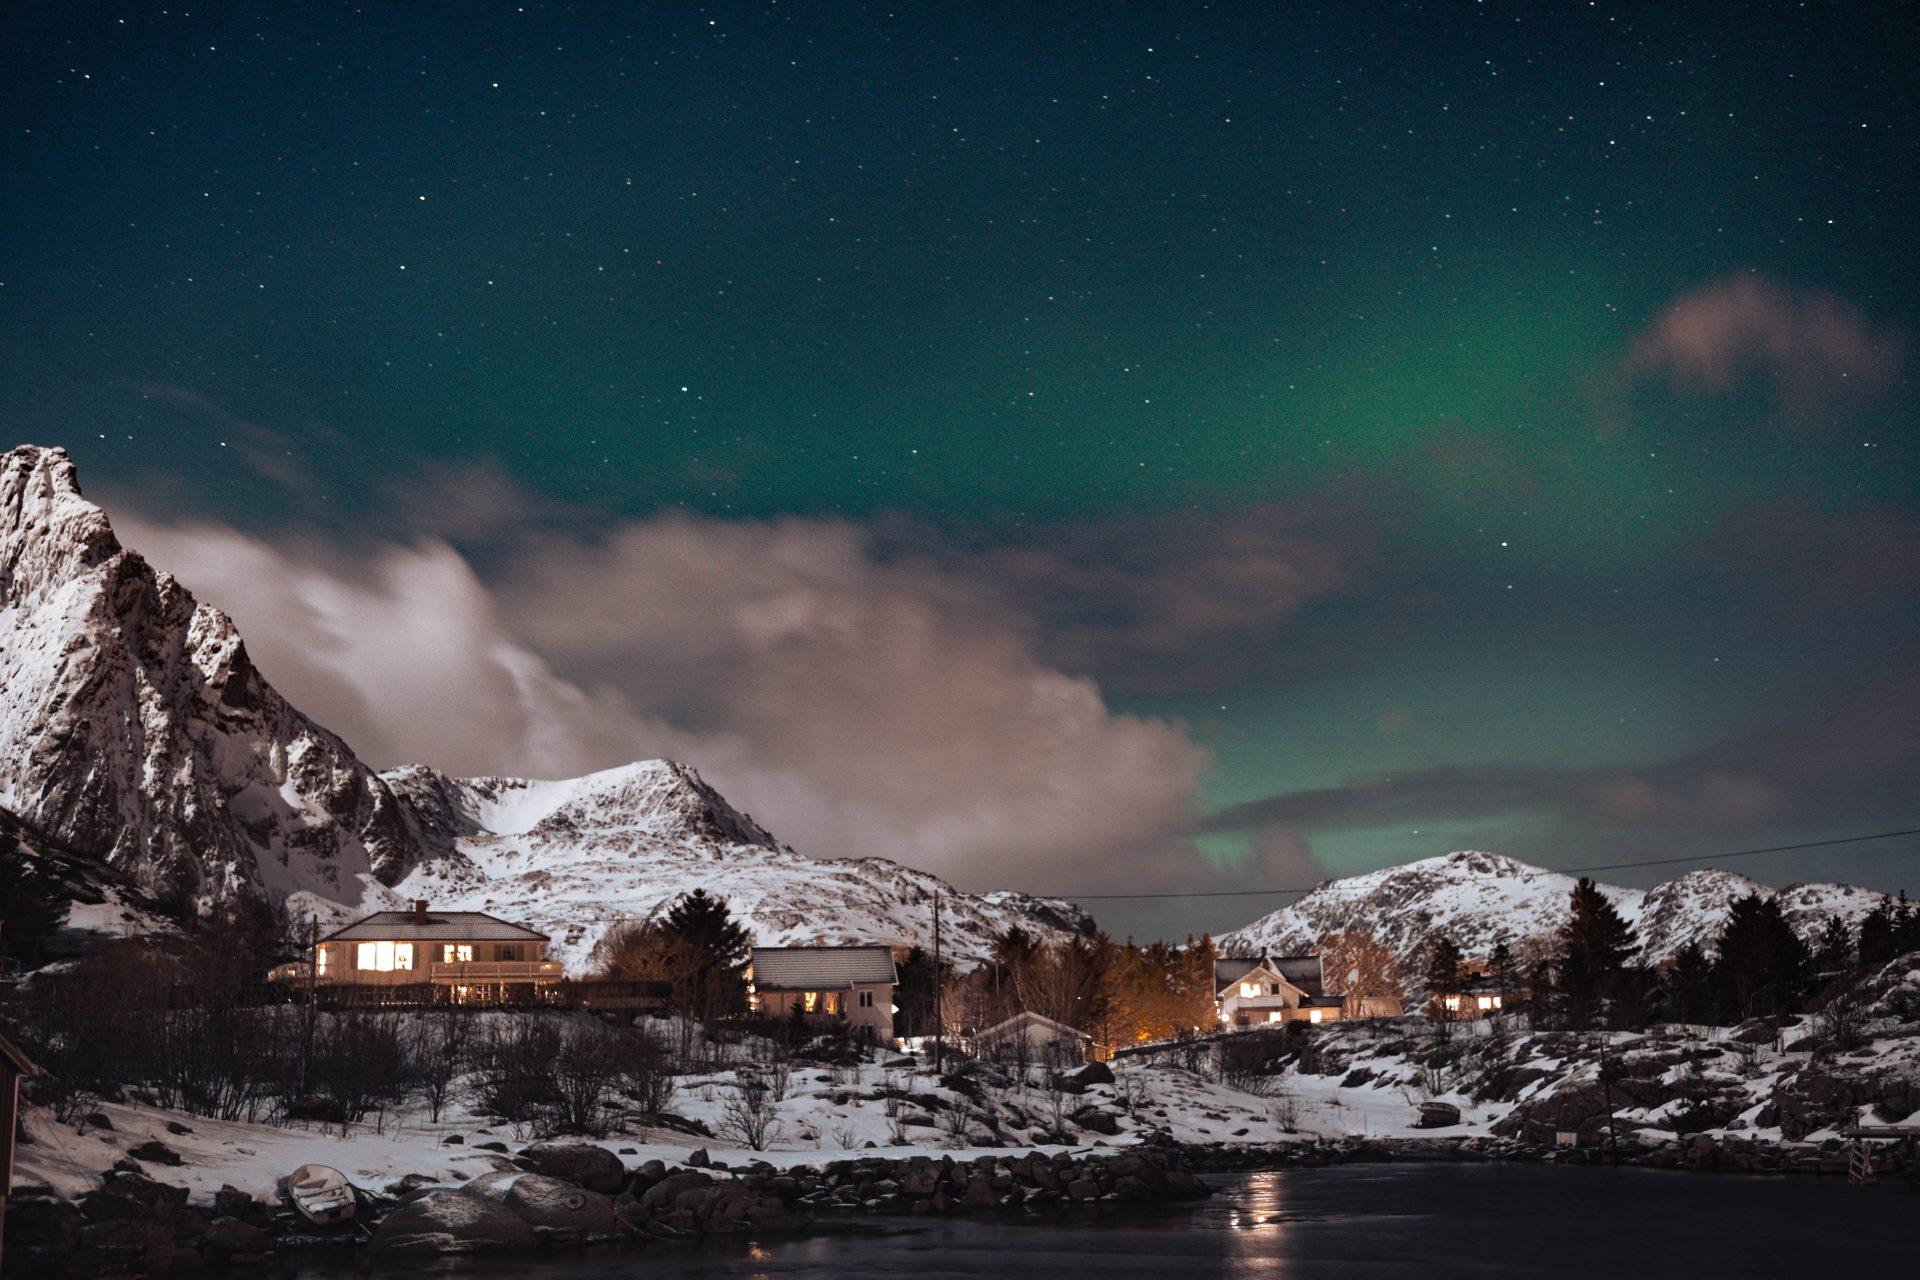 Soirée sous les aurores boréales aux Lofoten.